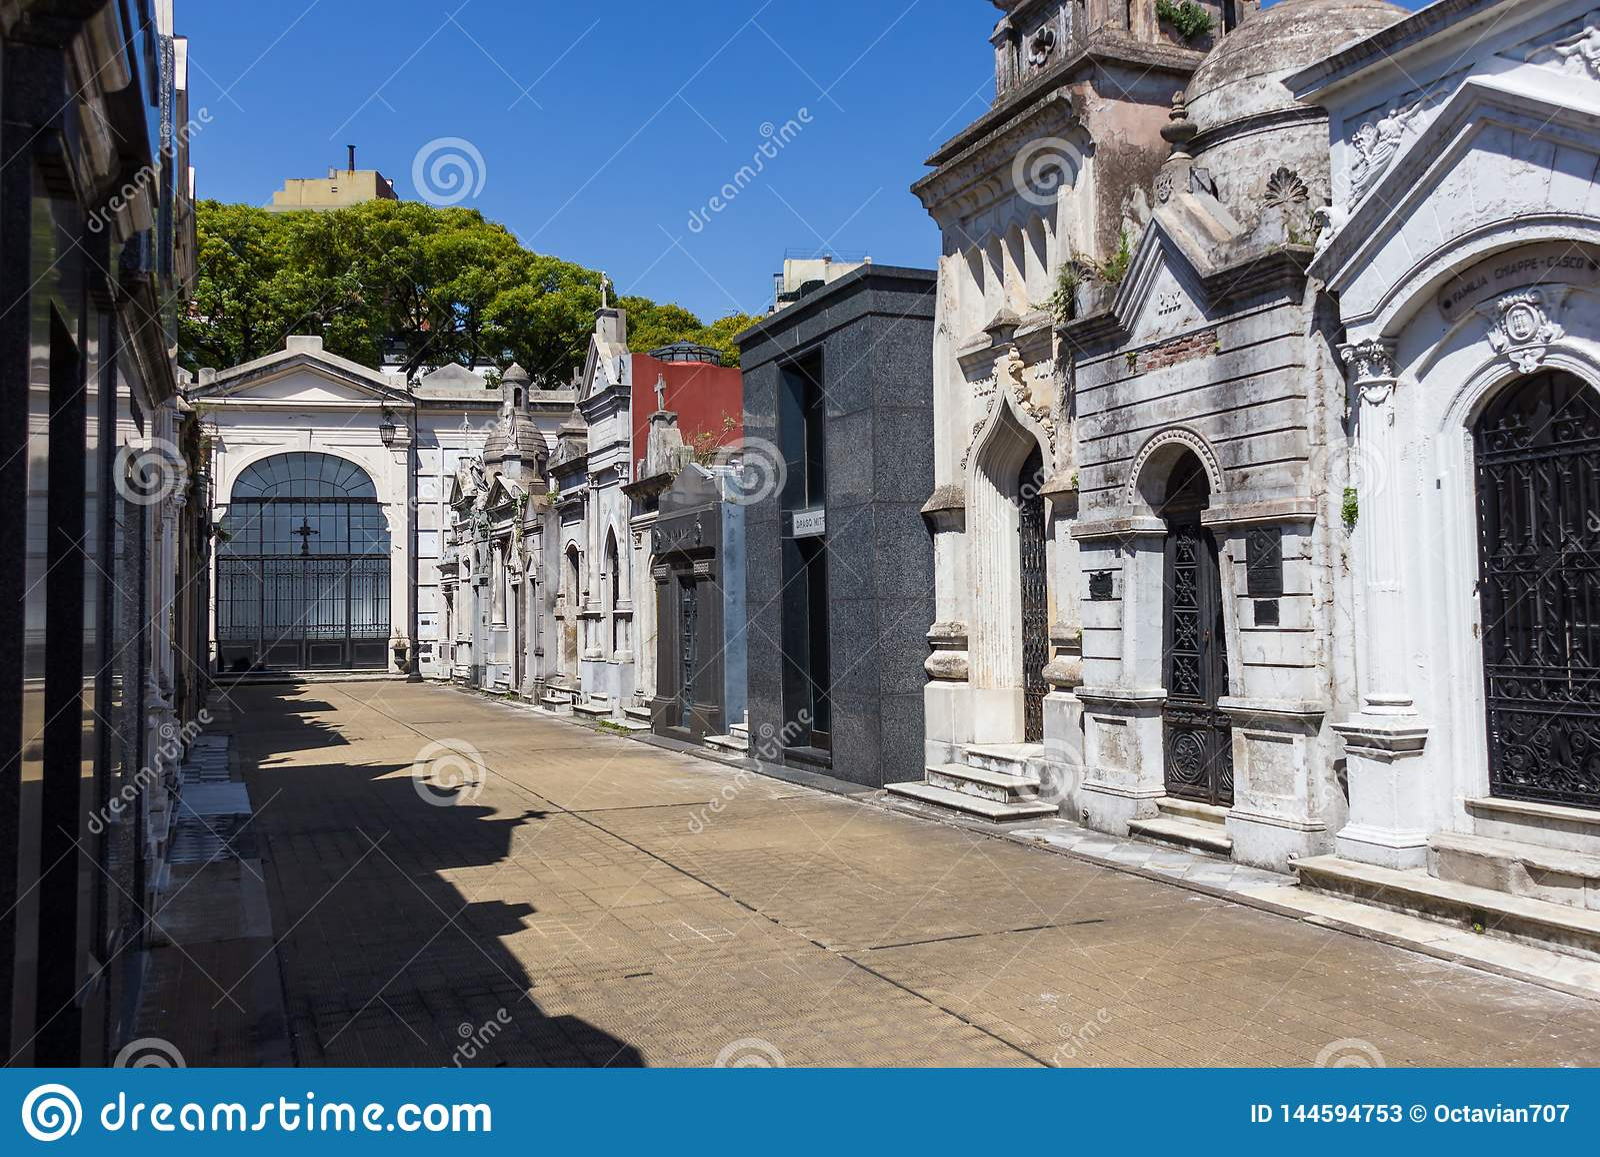 Кладбище Recoleta в красивом виде Буэноса-Айрес на пустой улице